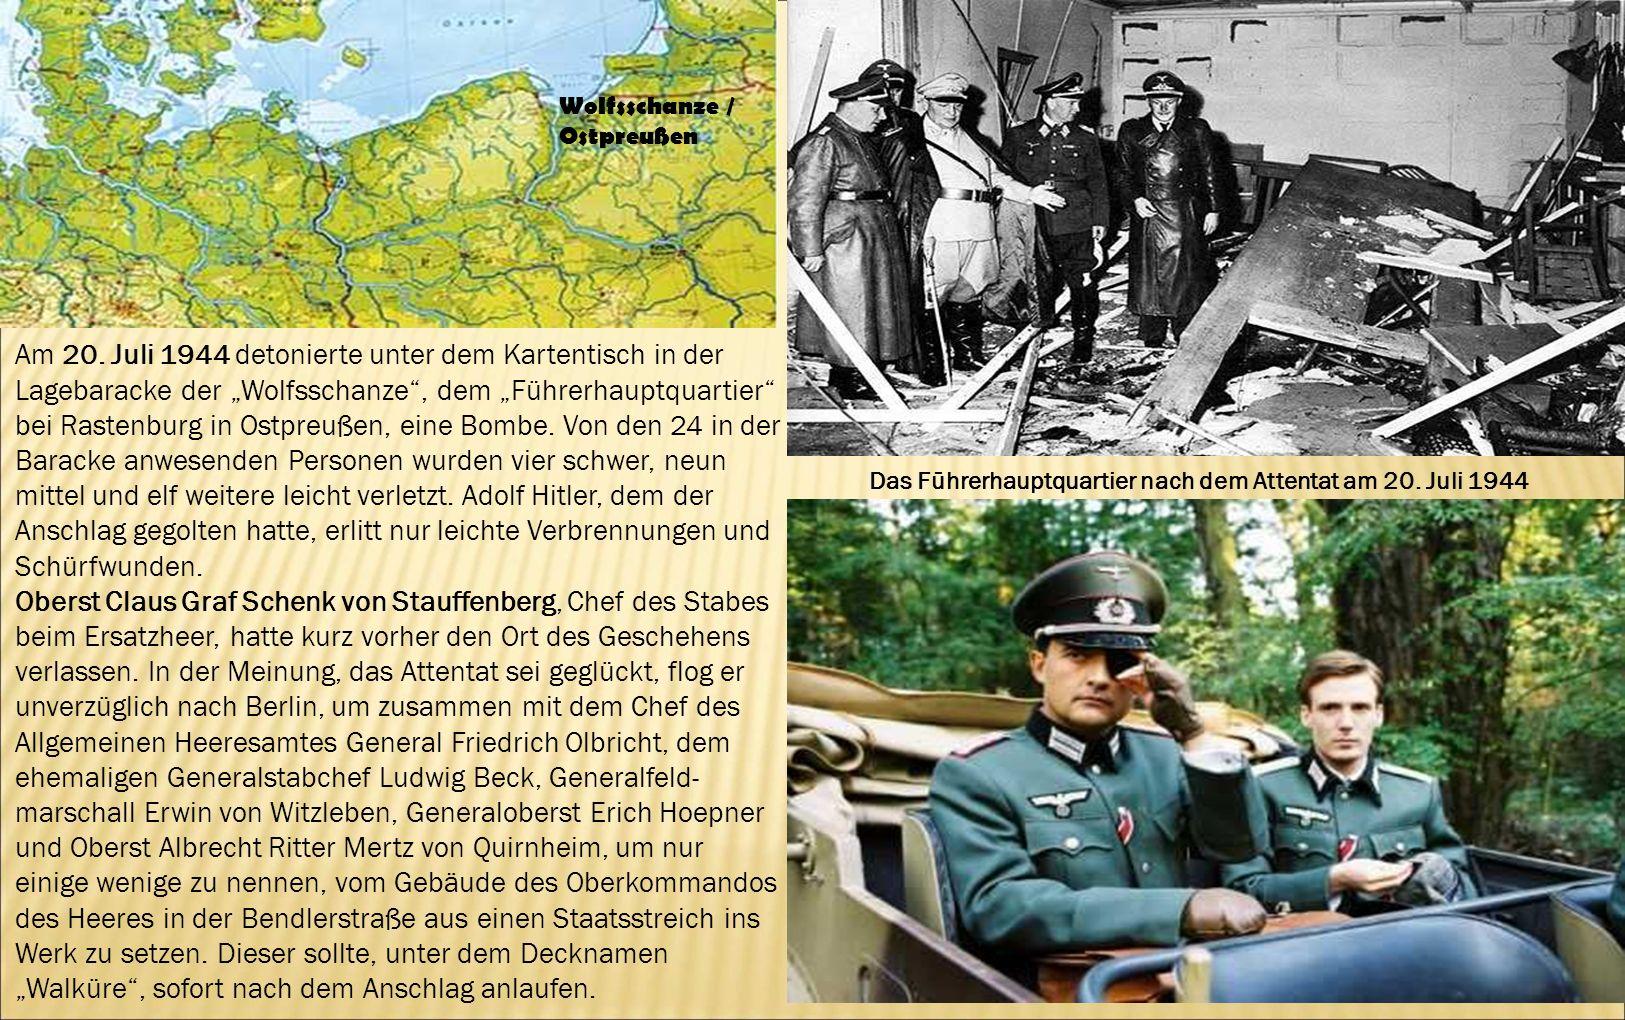 Das Führerhauptquartier nach dem Attentat am 20. Juli 1944 Wolfsschanze / Ostpreußen Am 20. Juli 1944 detonierte unter dem Kartentisch in der Lagebara